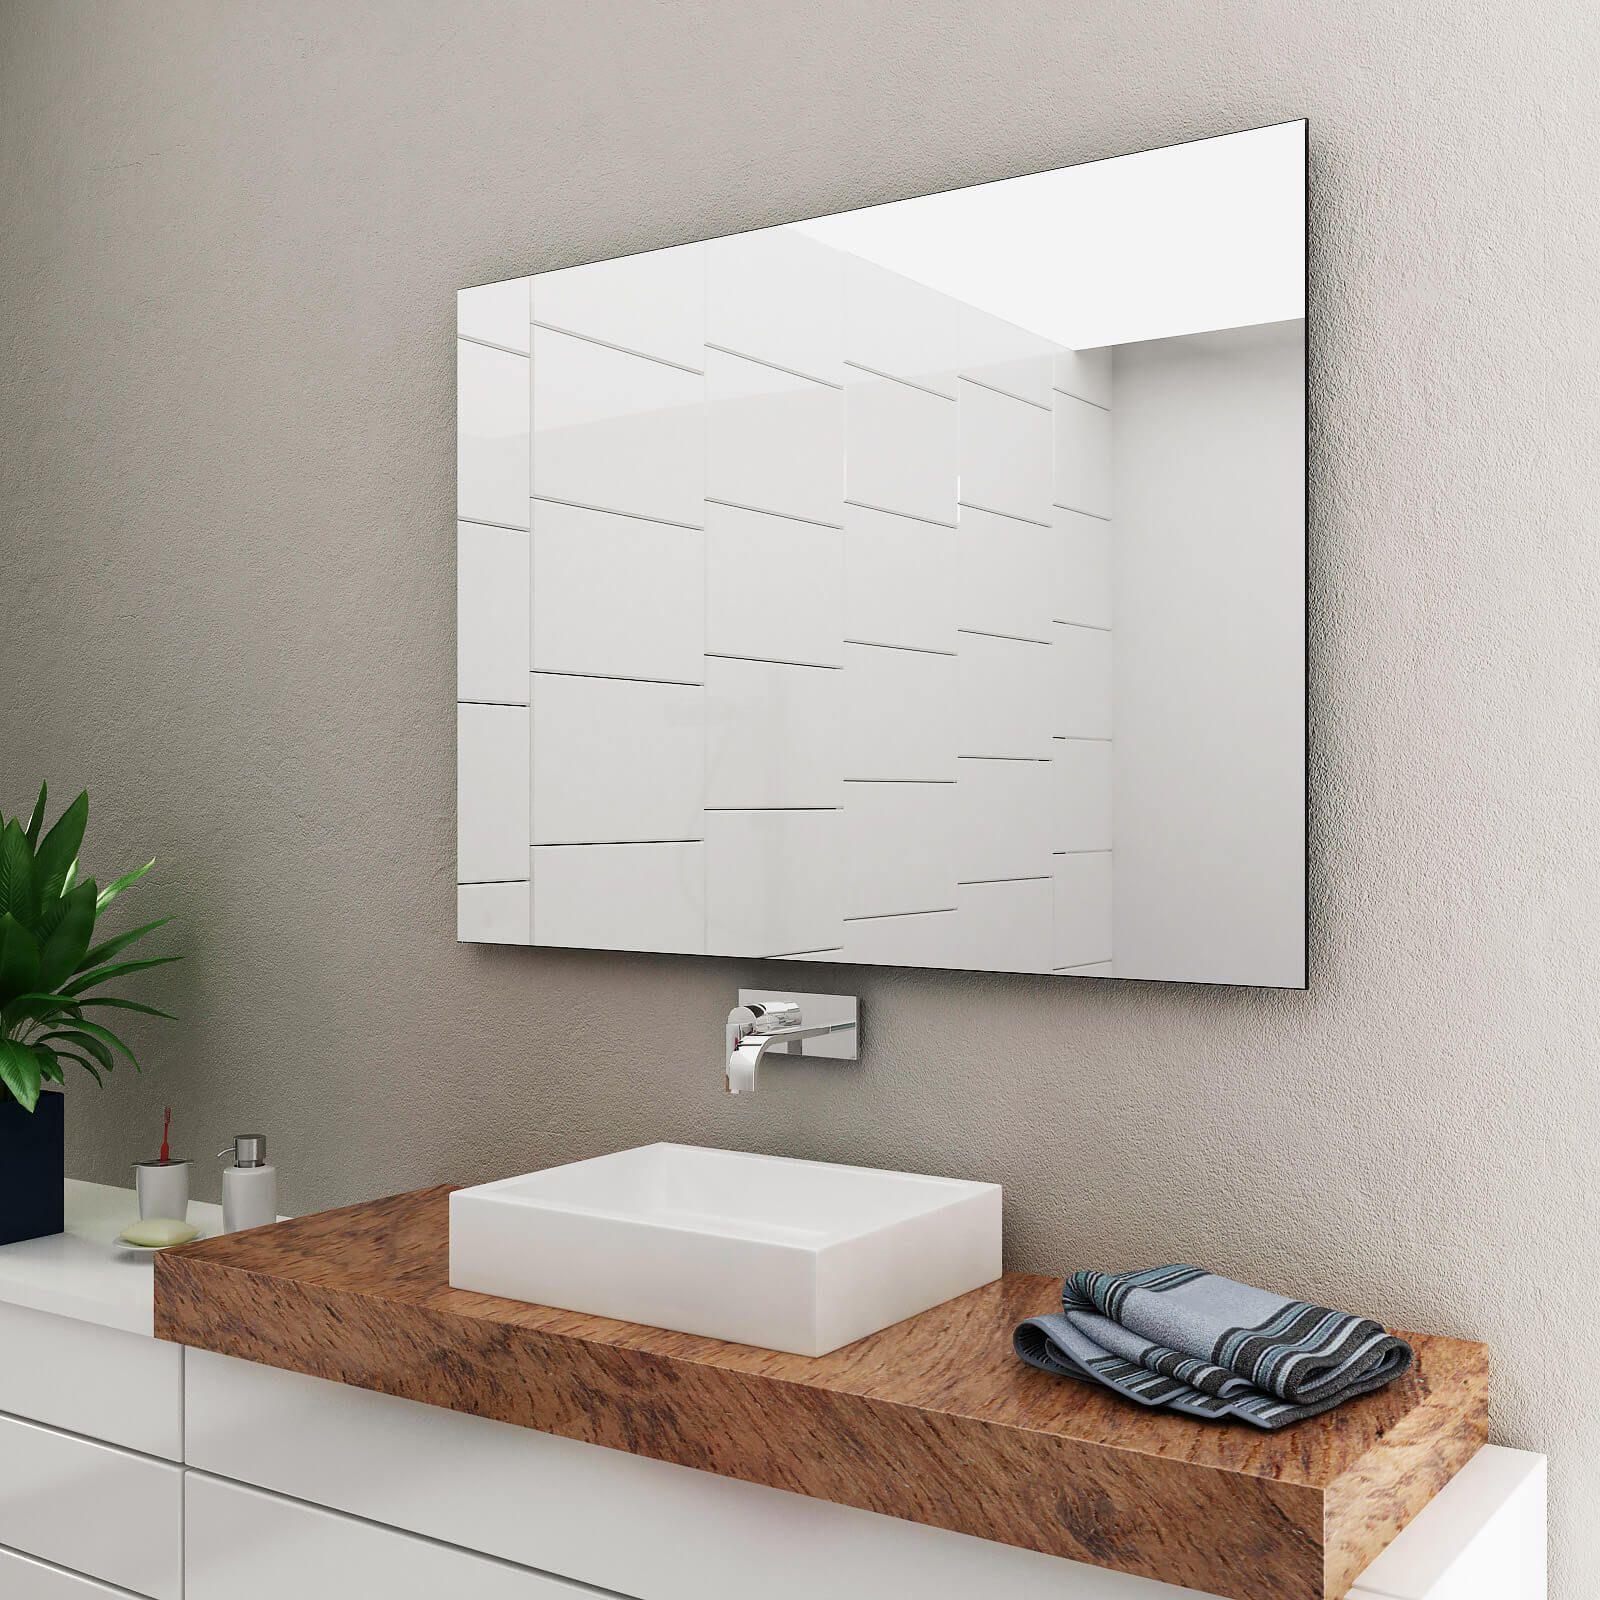 Badspiegel Wandspiegel Ohne Beleuchtung